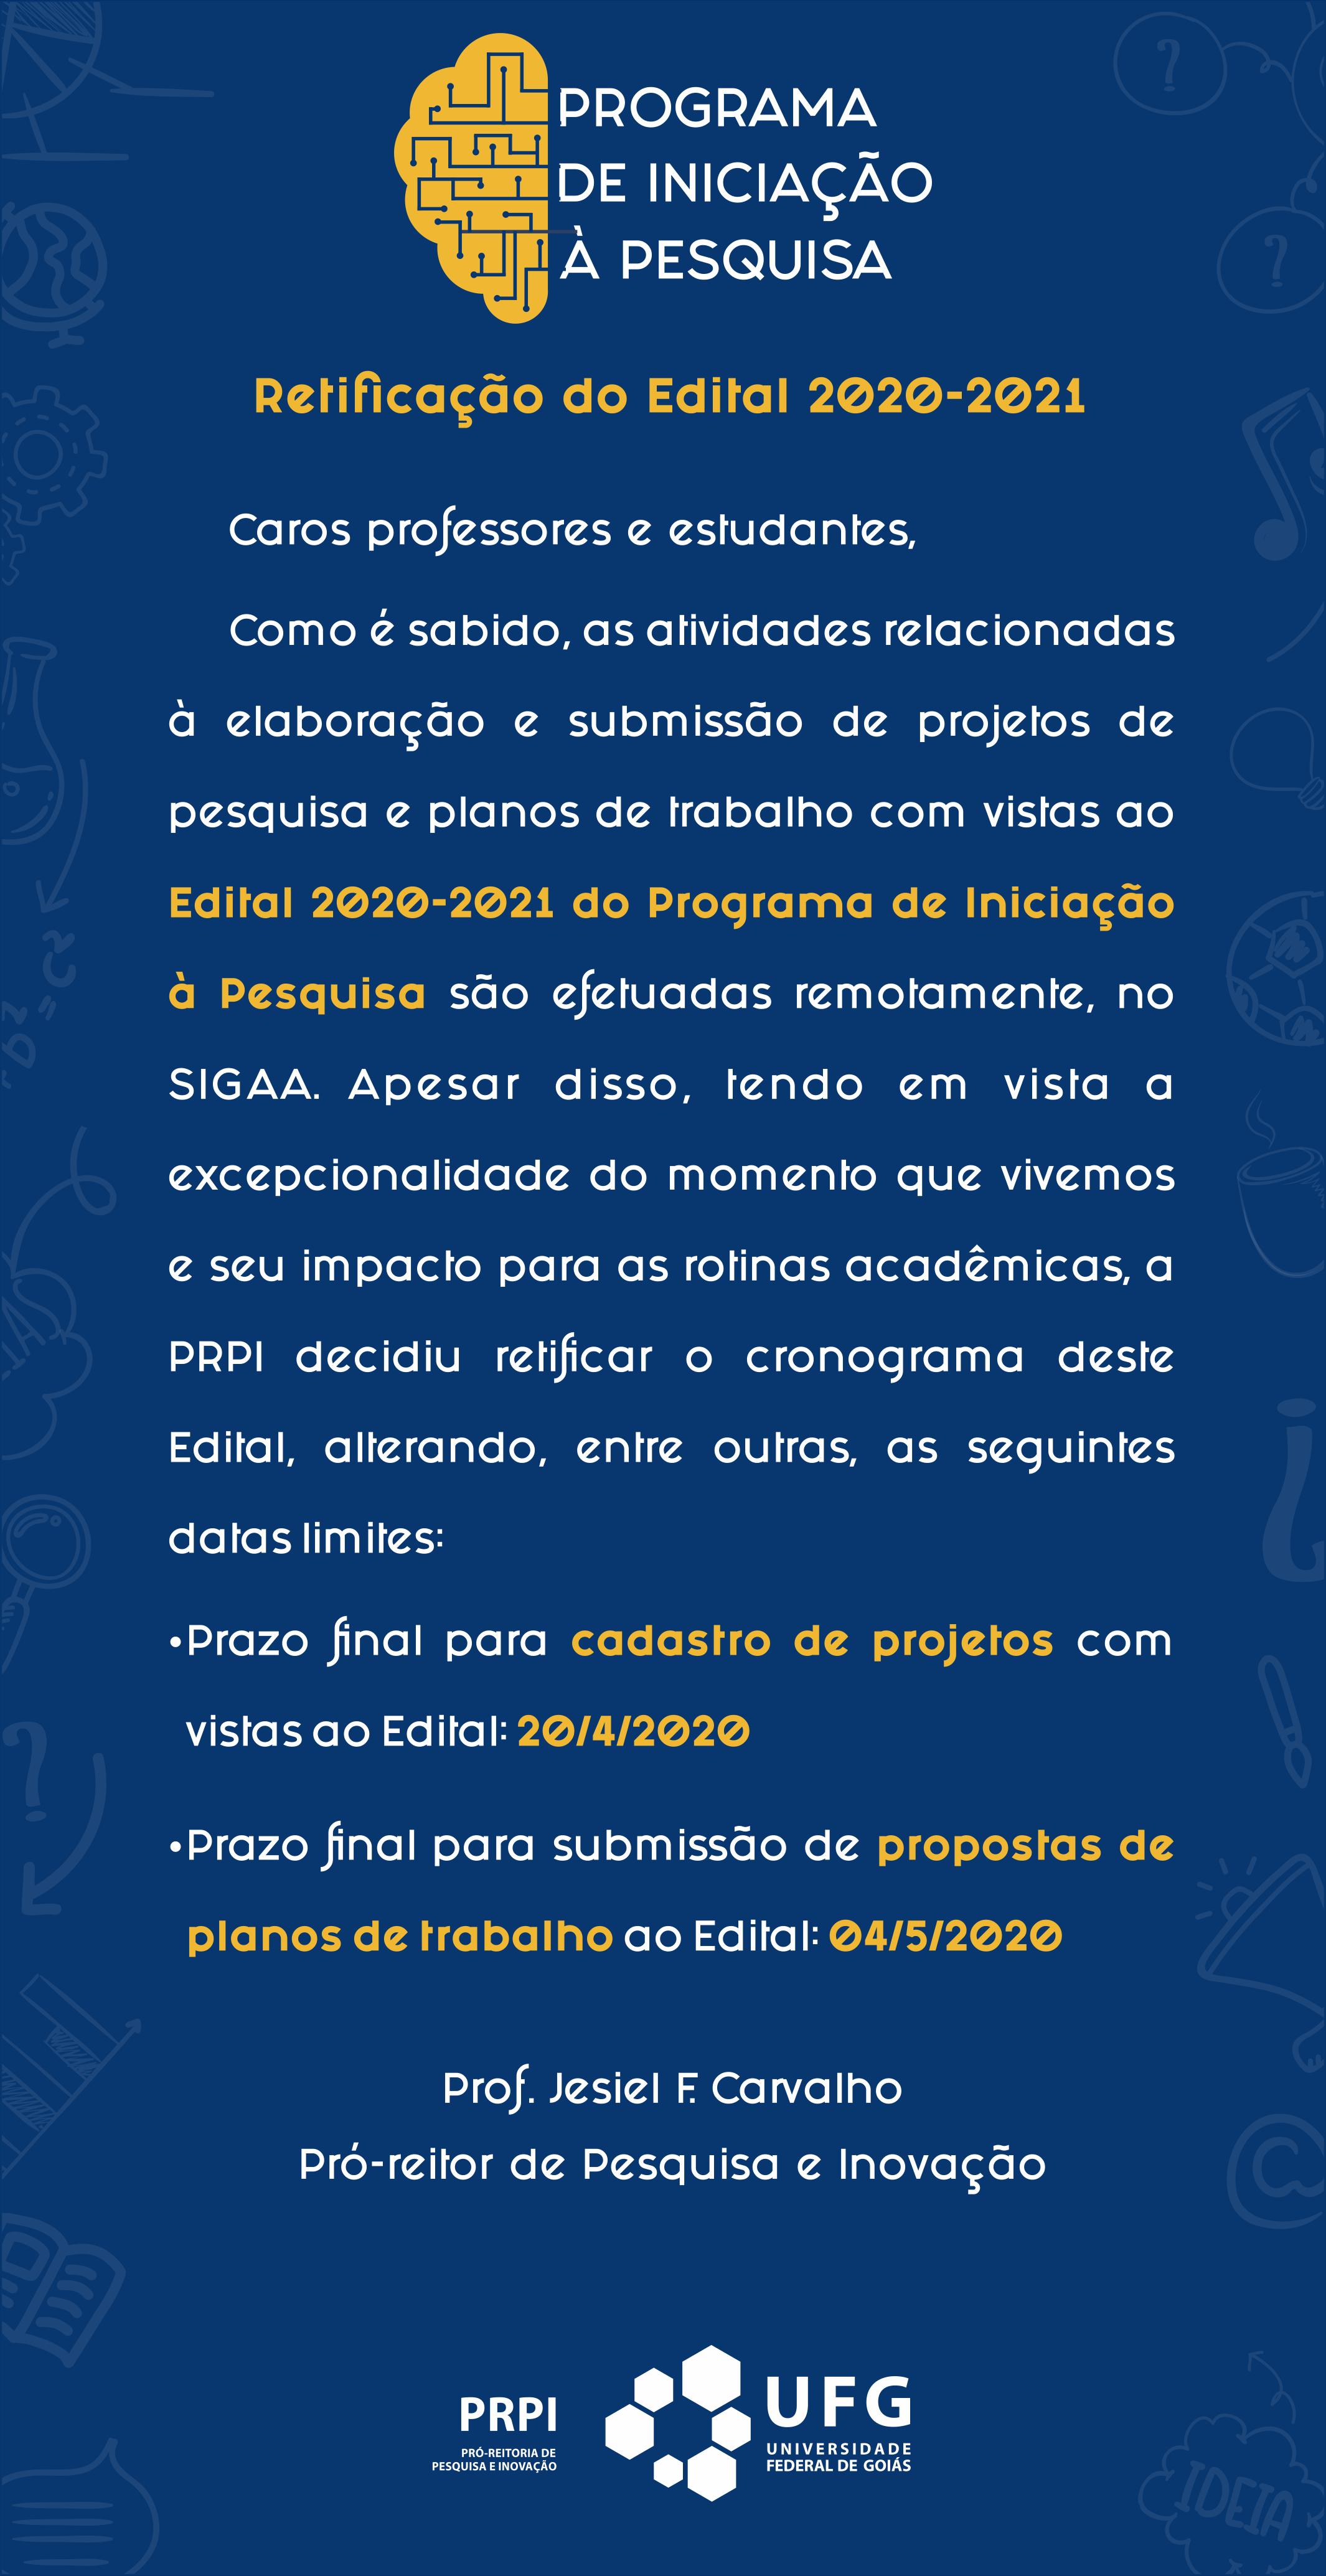 Comunicado de retificação do edital 2020-2021 PIP UFG